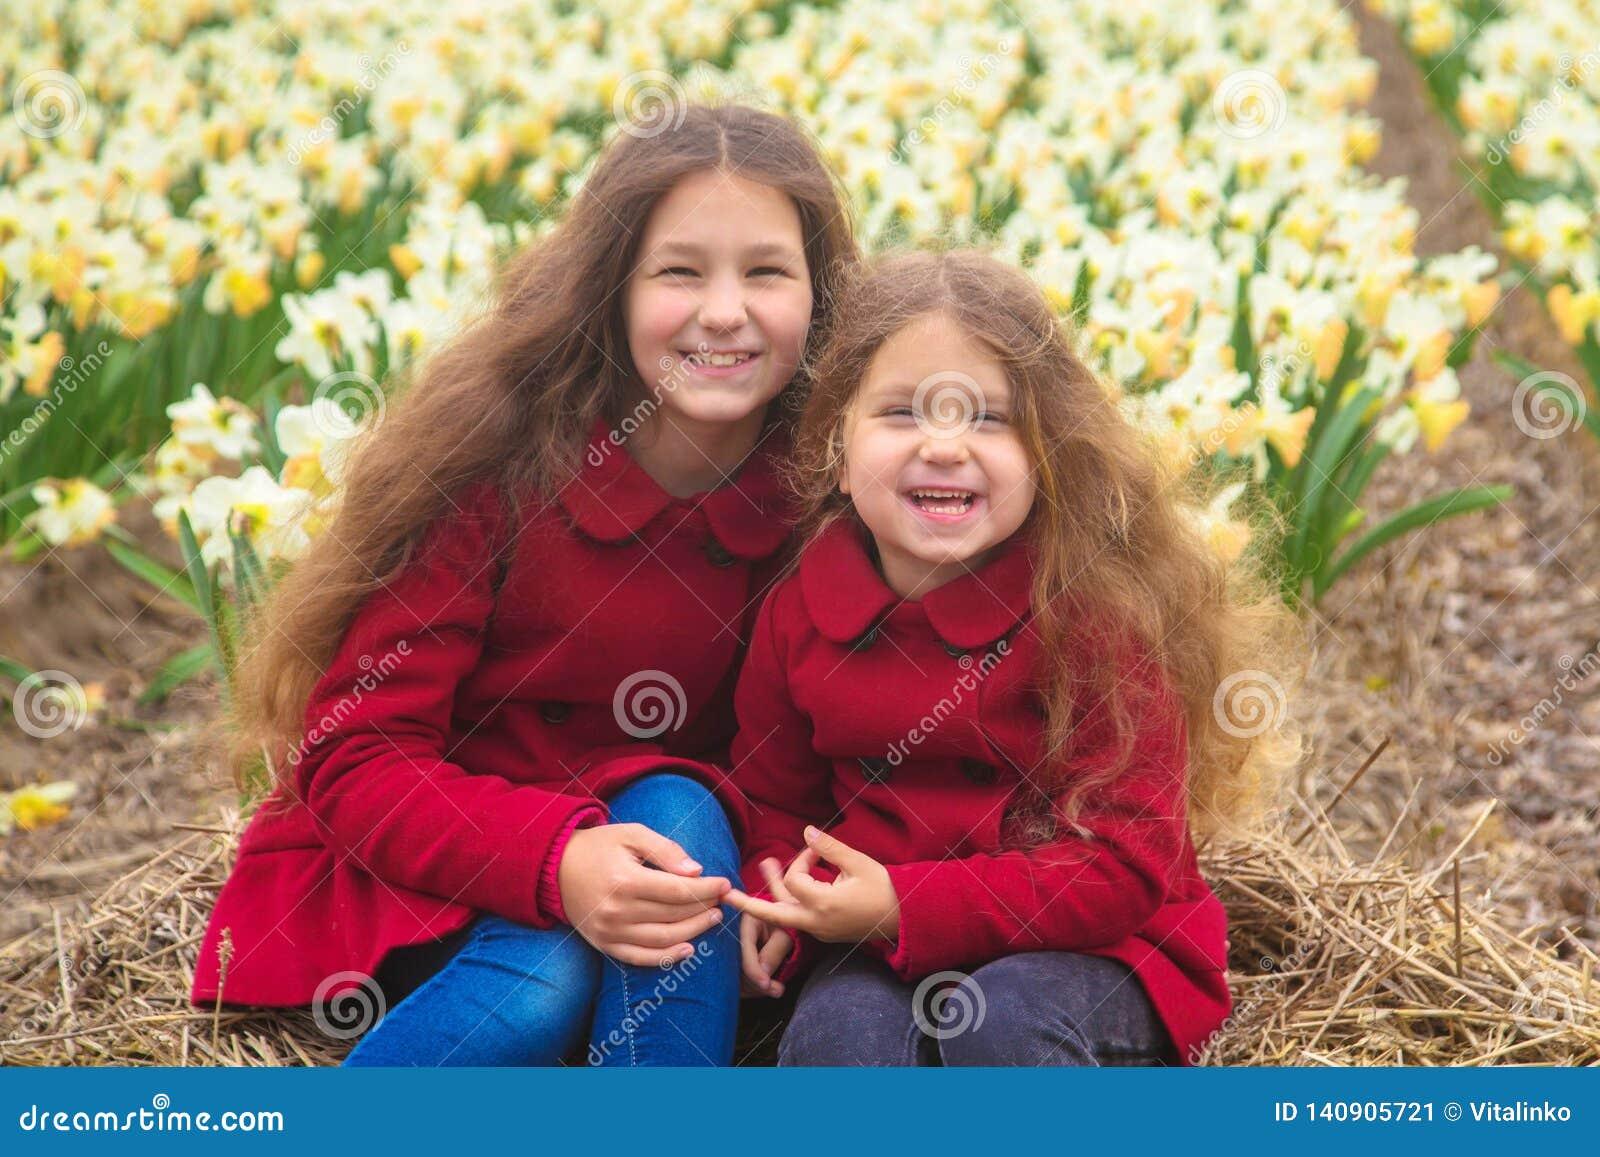 День весны солнечный, первые цветки и счастливые дети